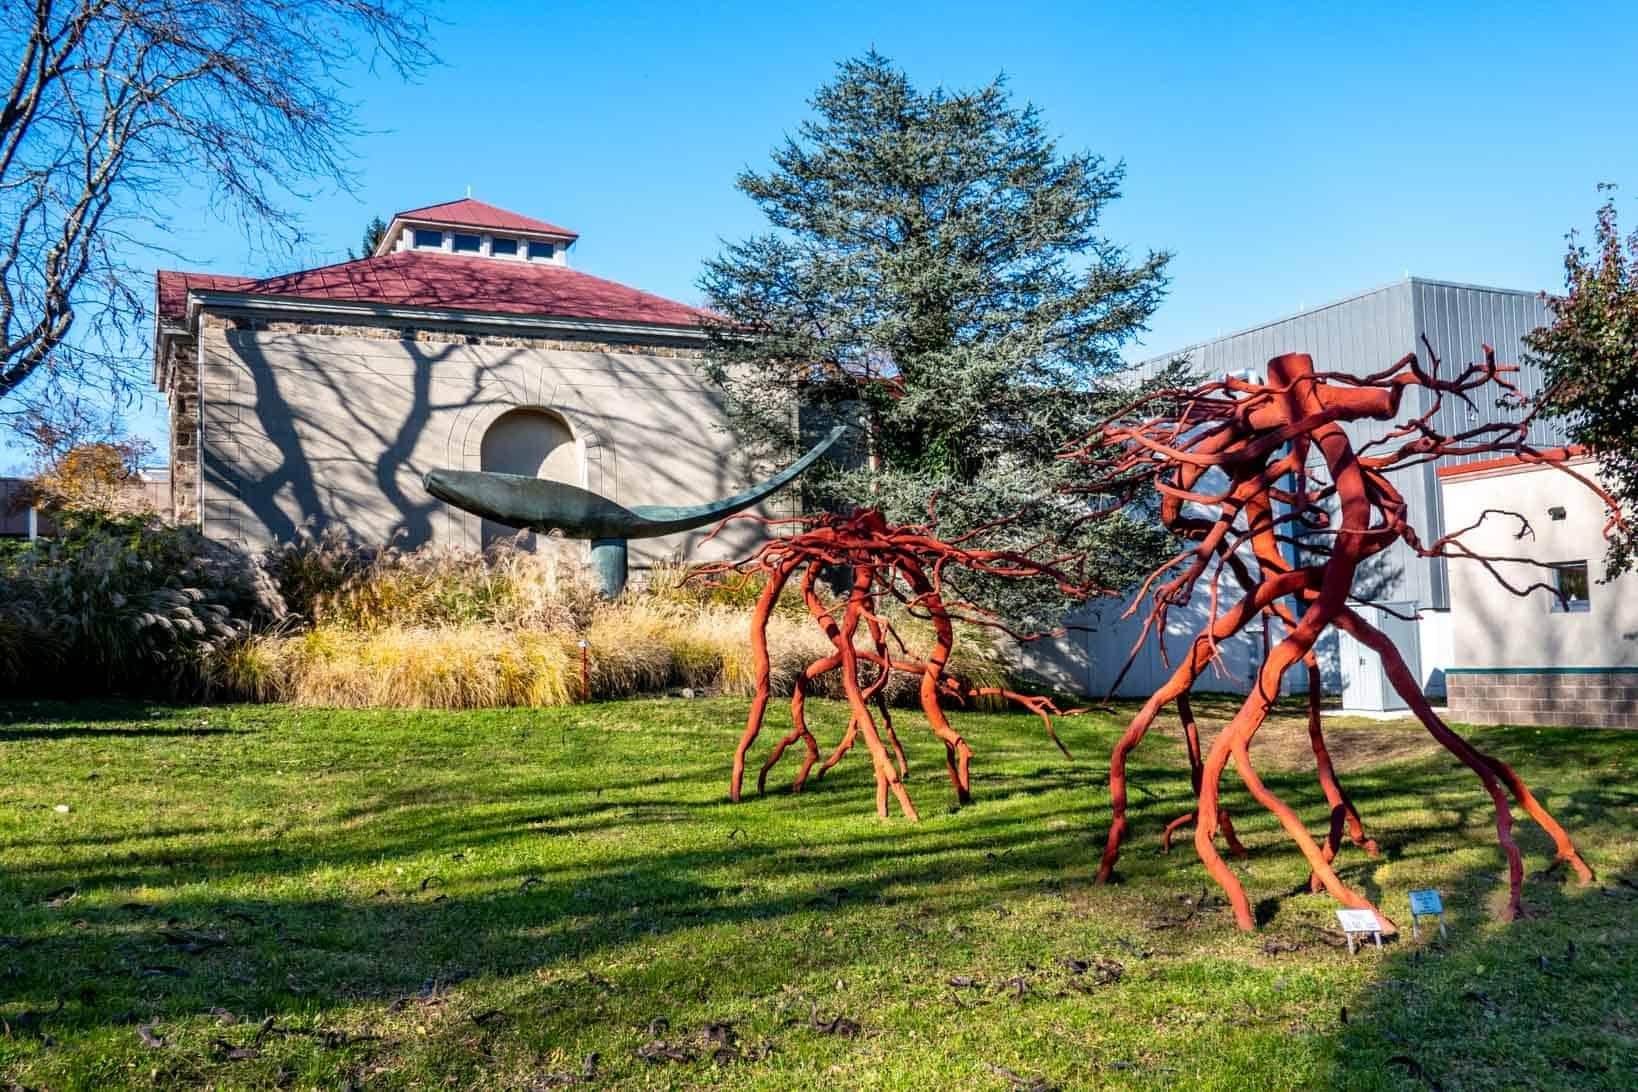 Red, branch-like sculptures in a sculpture garden outside an art museum